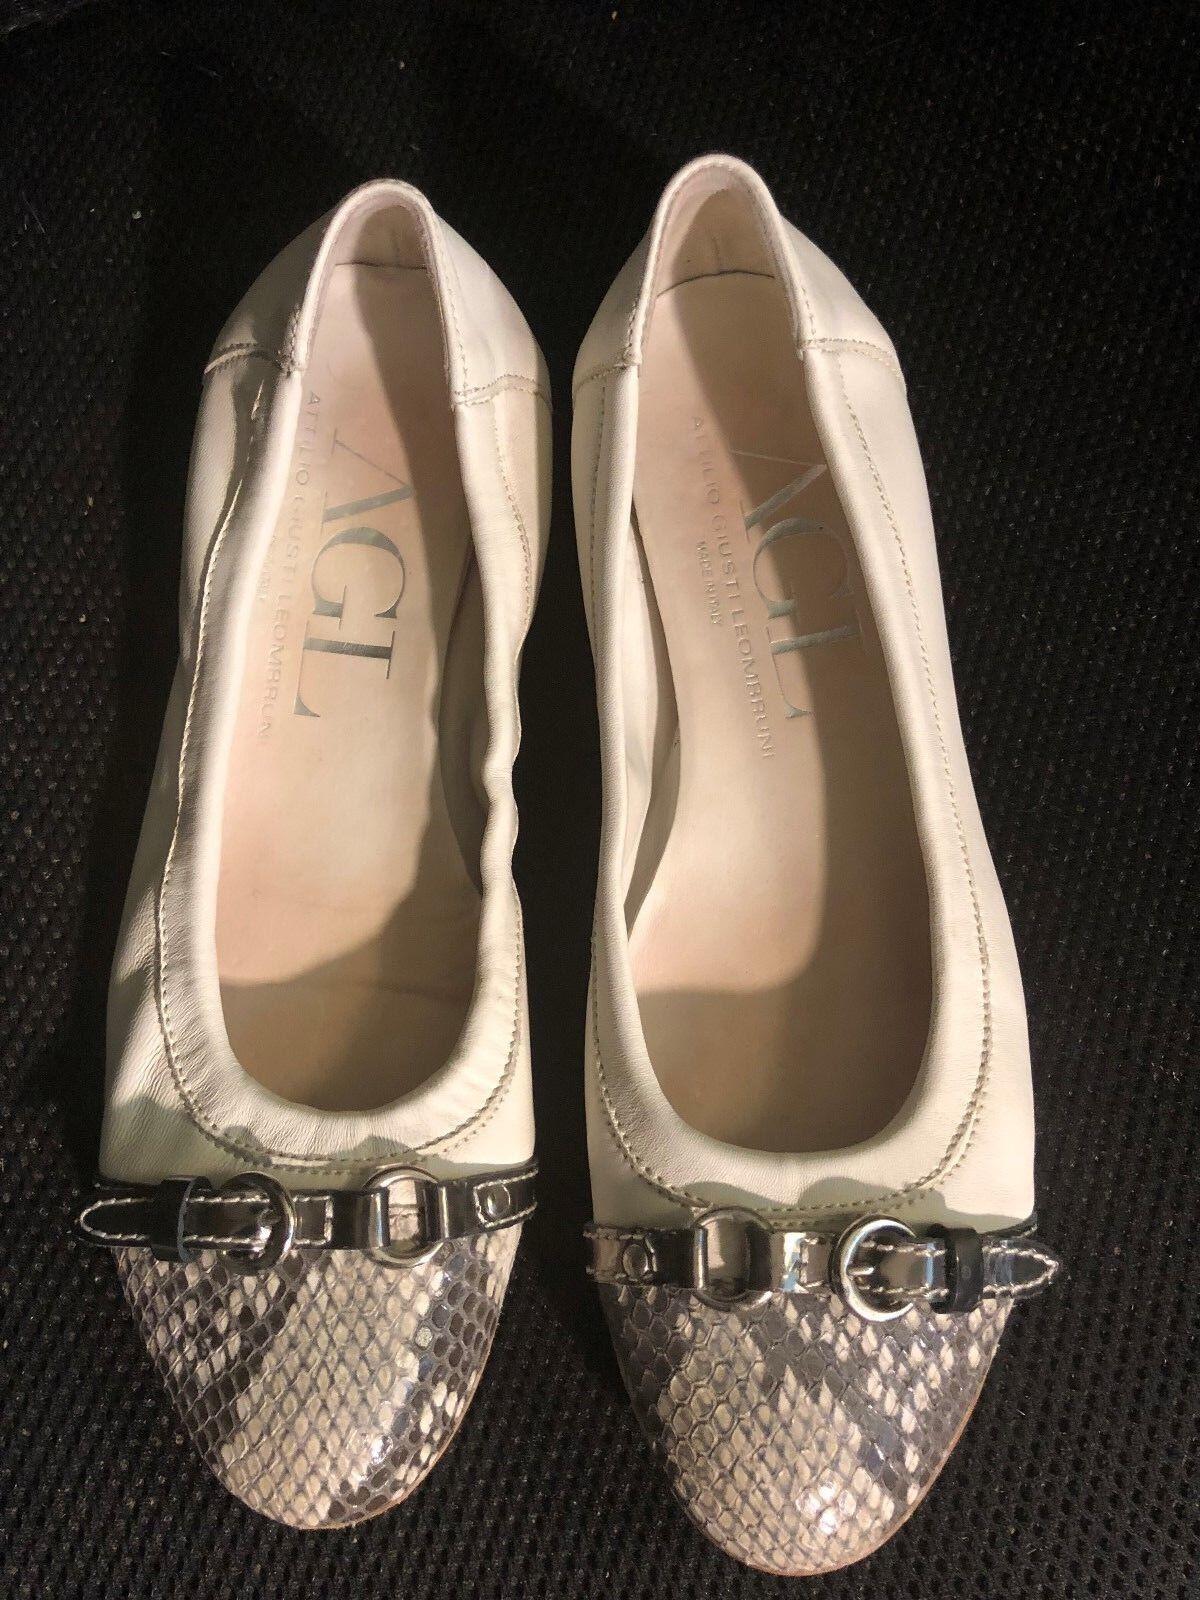 Chaussures, AG, blanc crème Ballerines gris blanc crème peau de serpent fronts 8 1 2 M